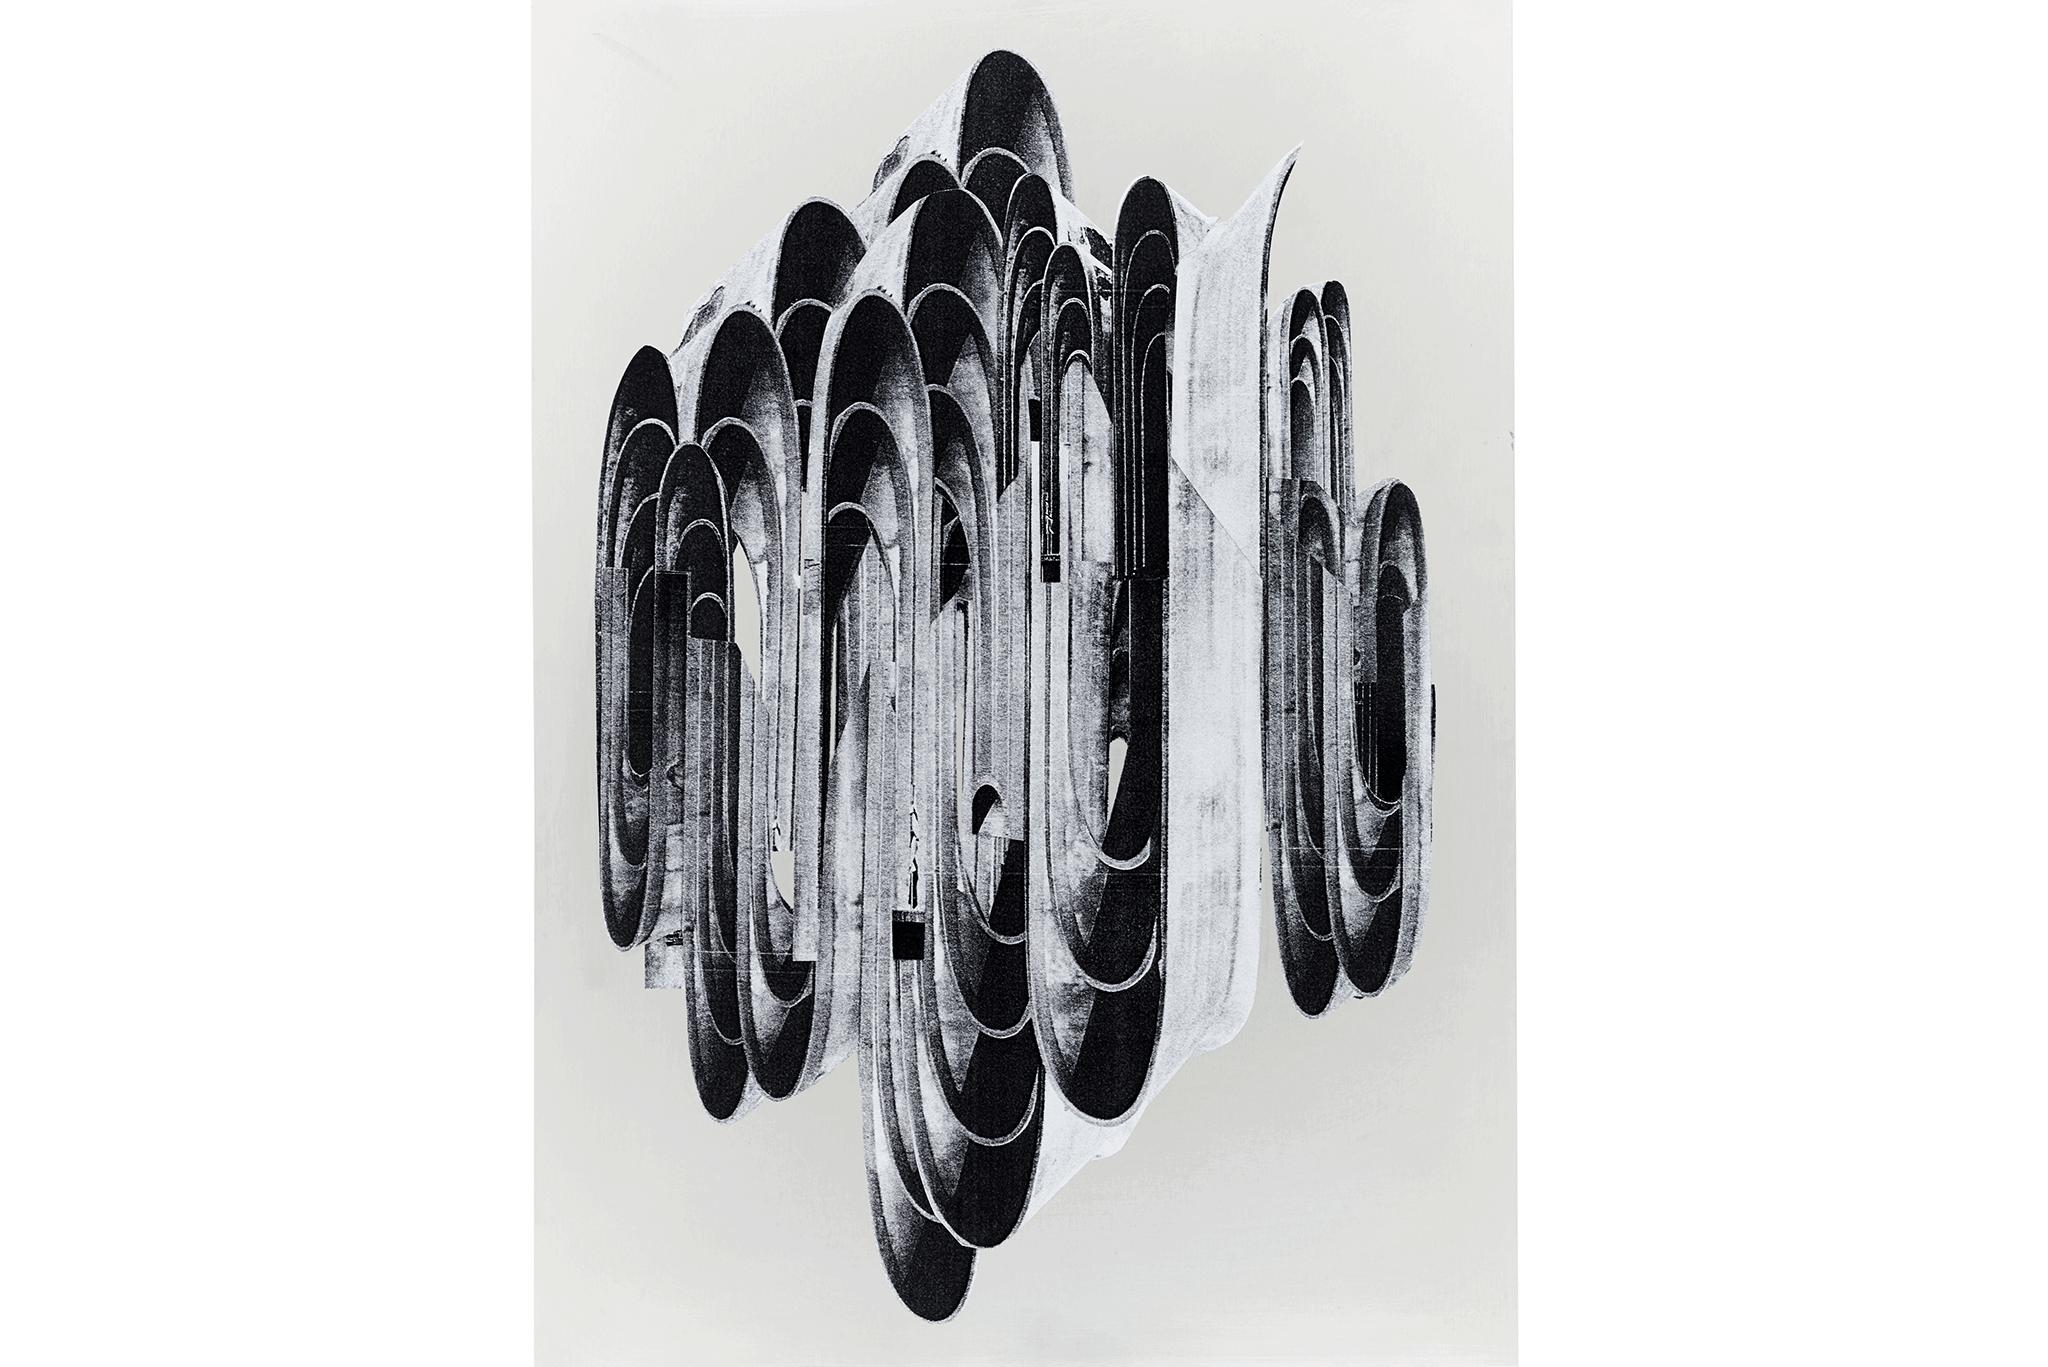 88_Frauke-Dannert_Collage_Papiercollage-auf-Aluminium_Ohne-Titel-2014-Kopie